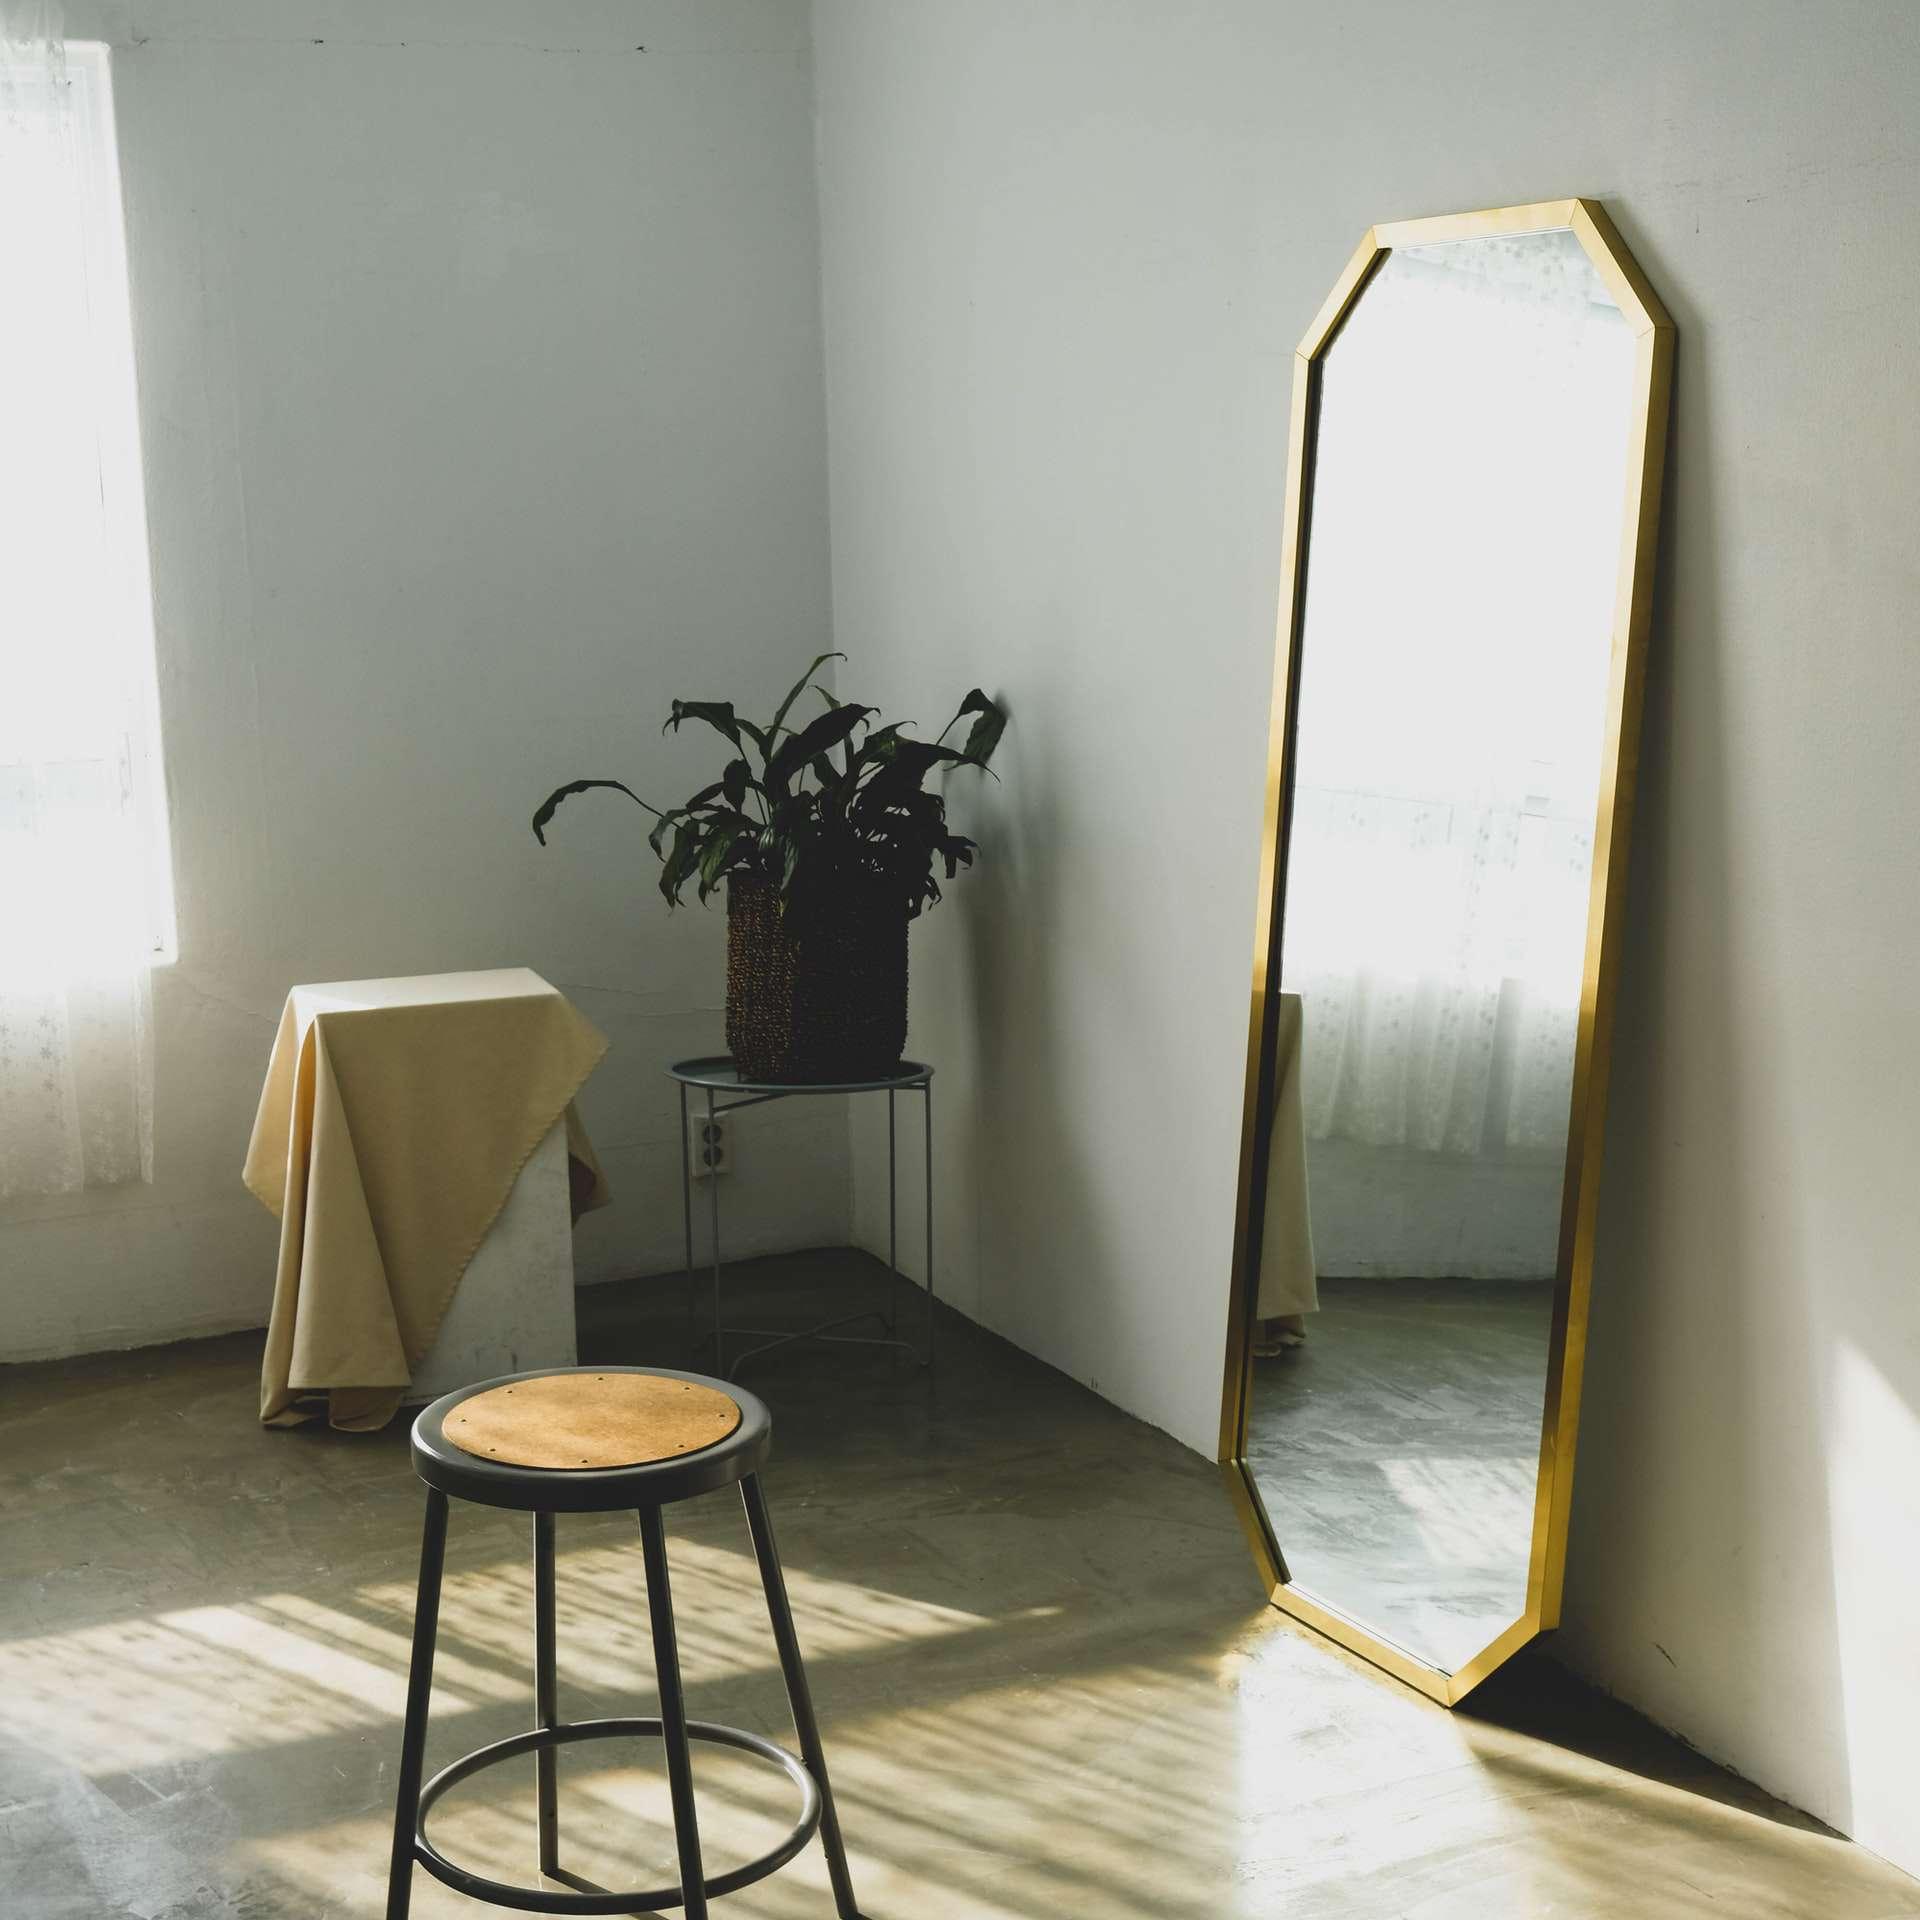 minimalist room with floor mirror